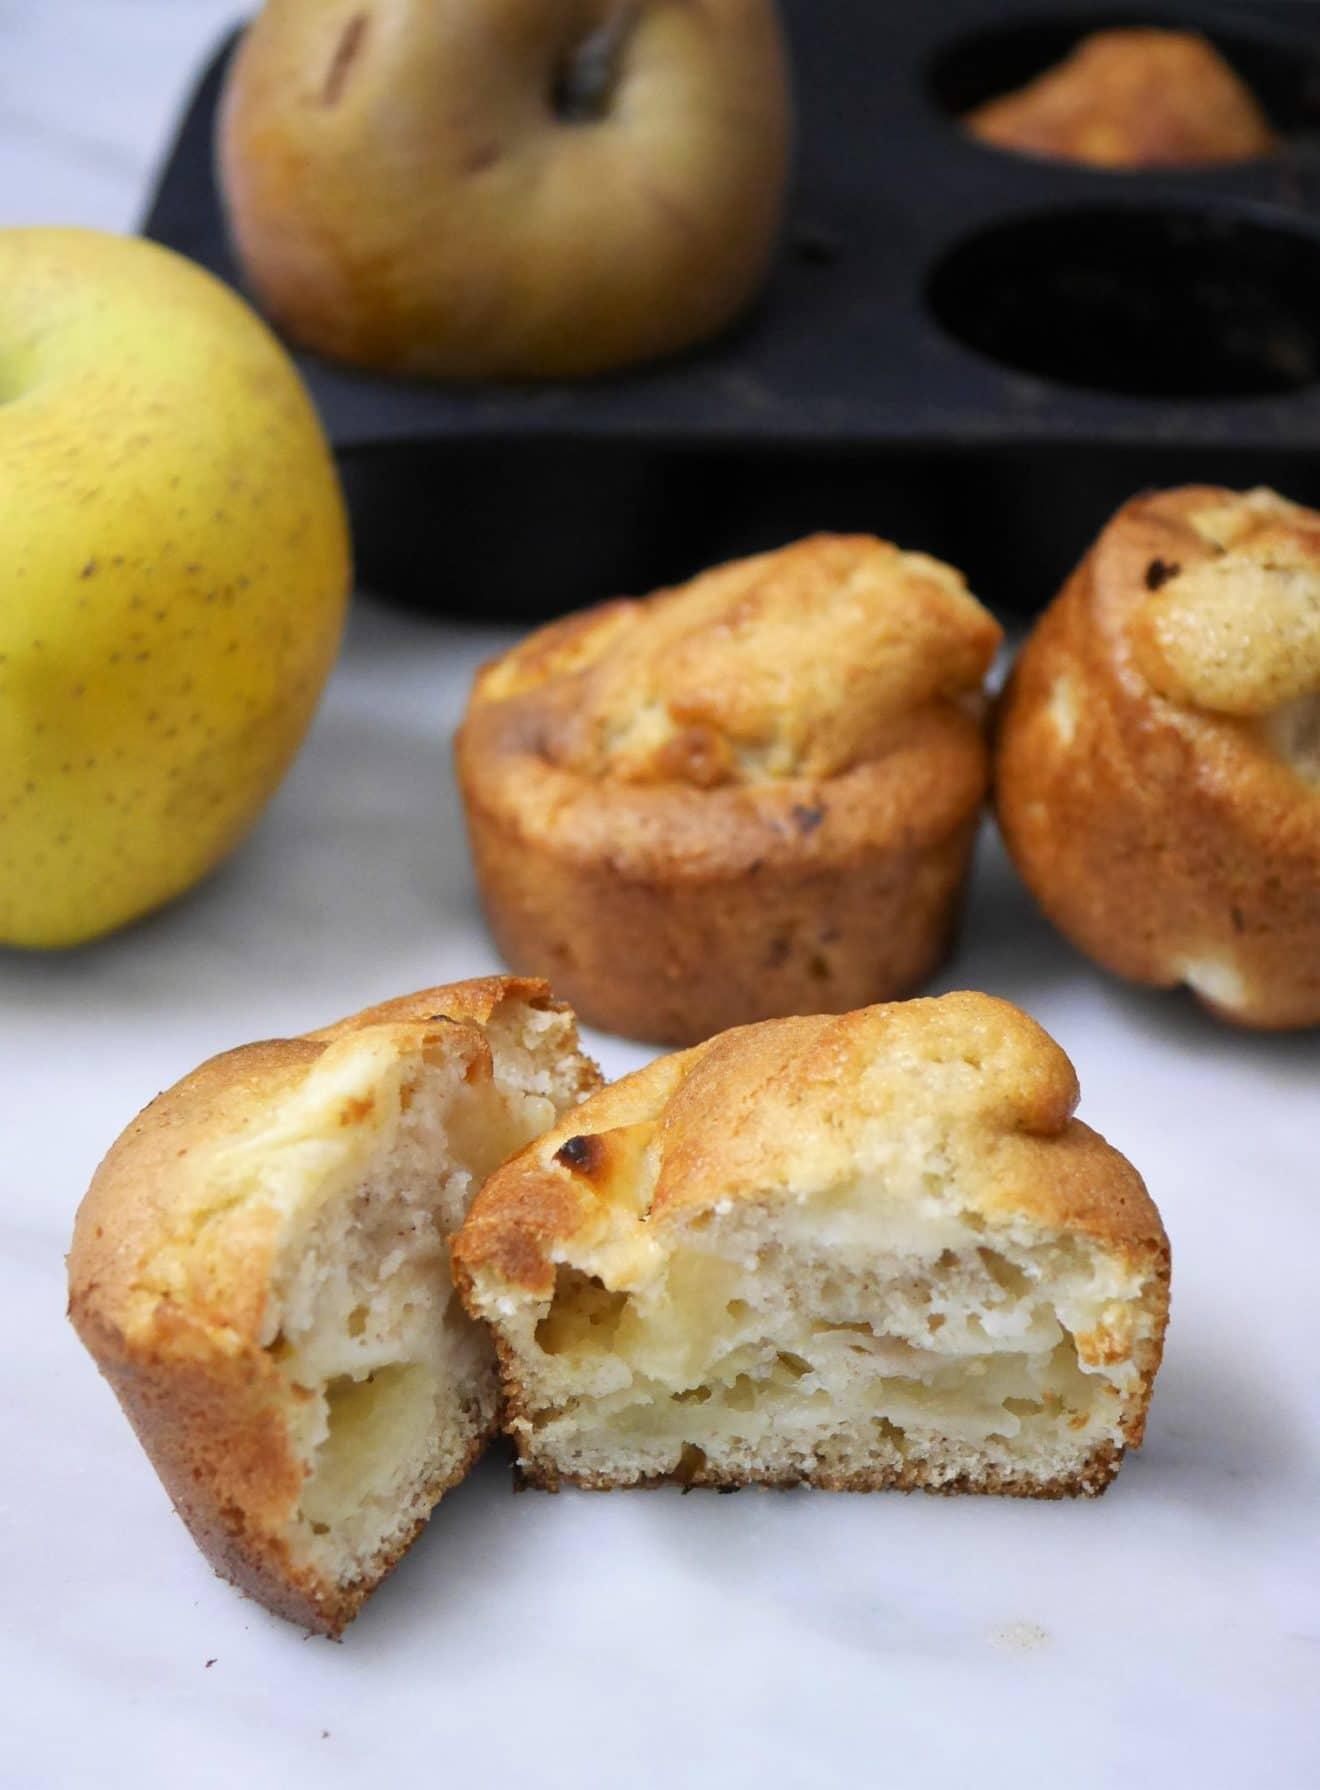 muffins aux pommes sans gluten comment j 39 ai chang de vie. Black Bedroom Furniture Sets. Home Design Ideas